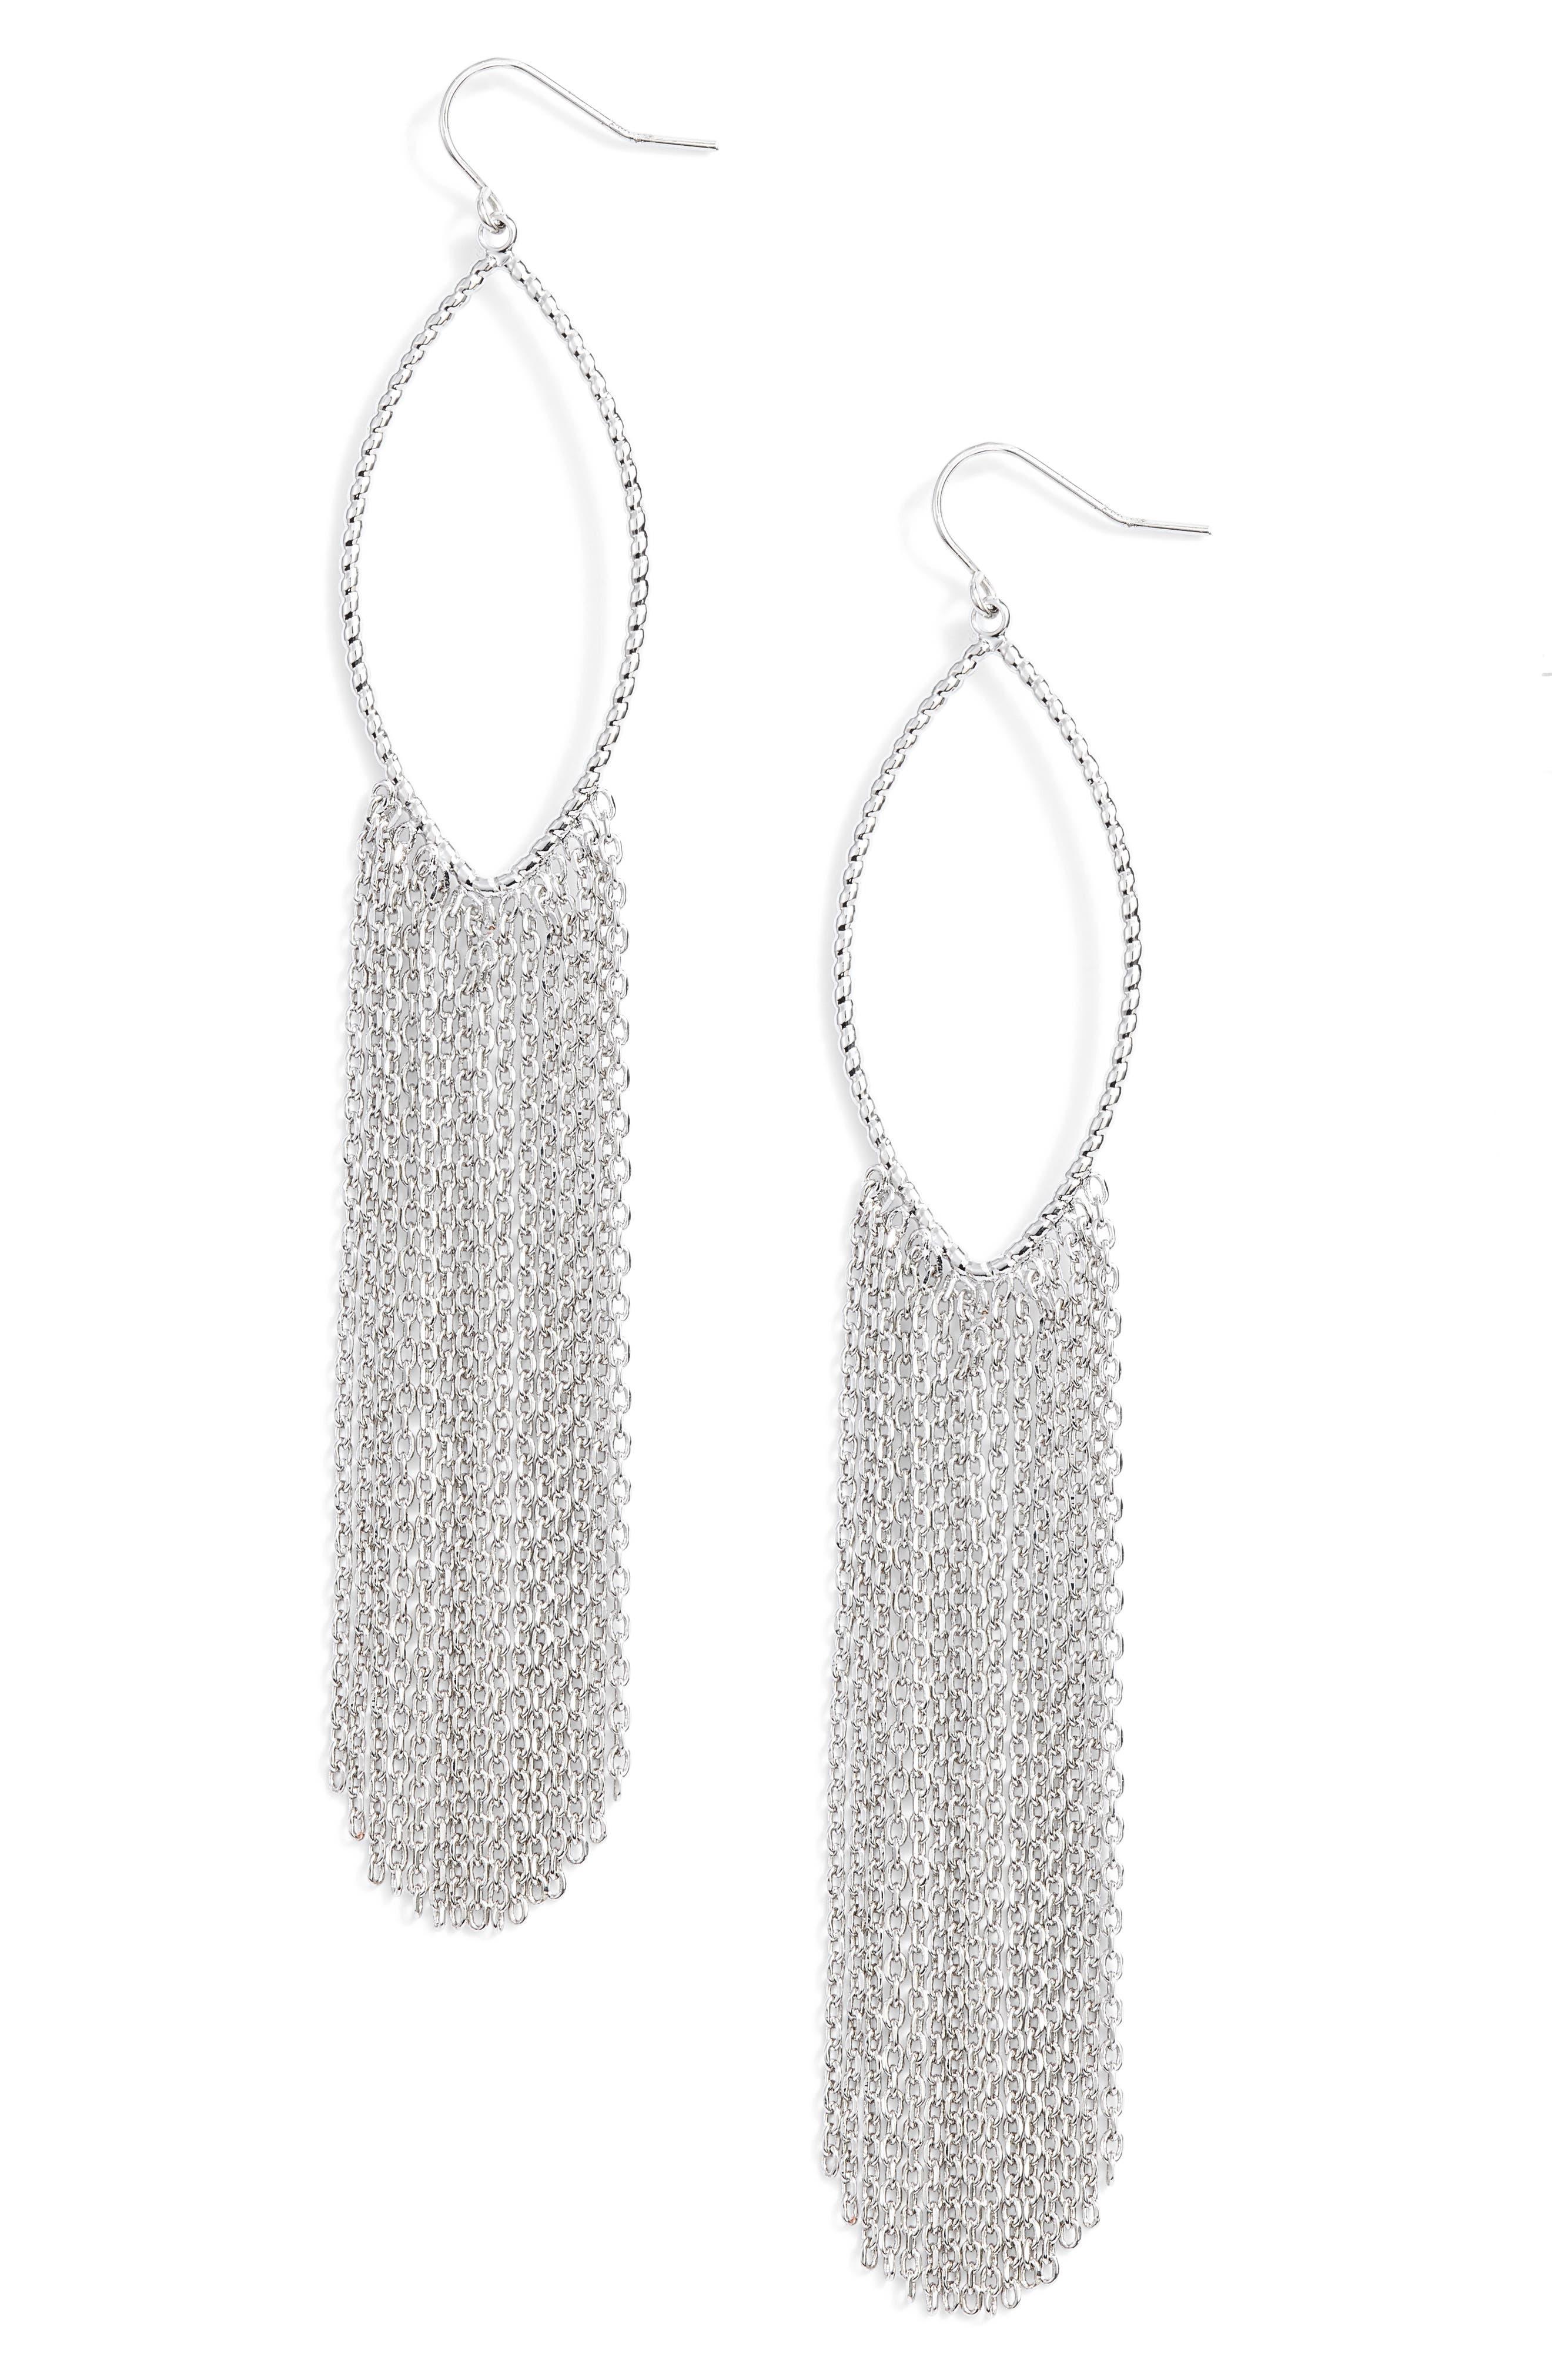 Textured Ellipse Fringe Hoop Earrings,                         Main,                         color, Rhodium